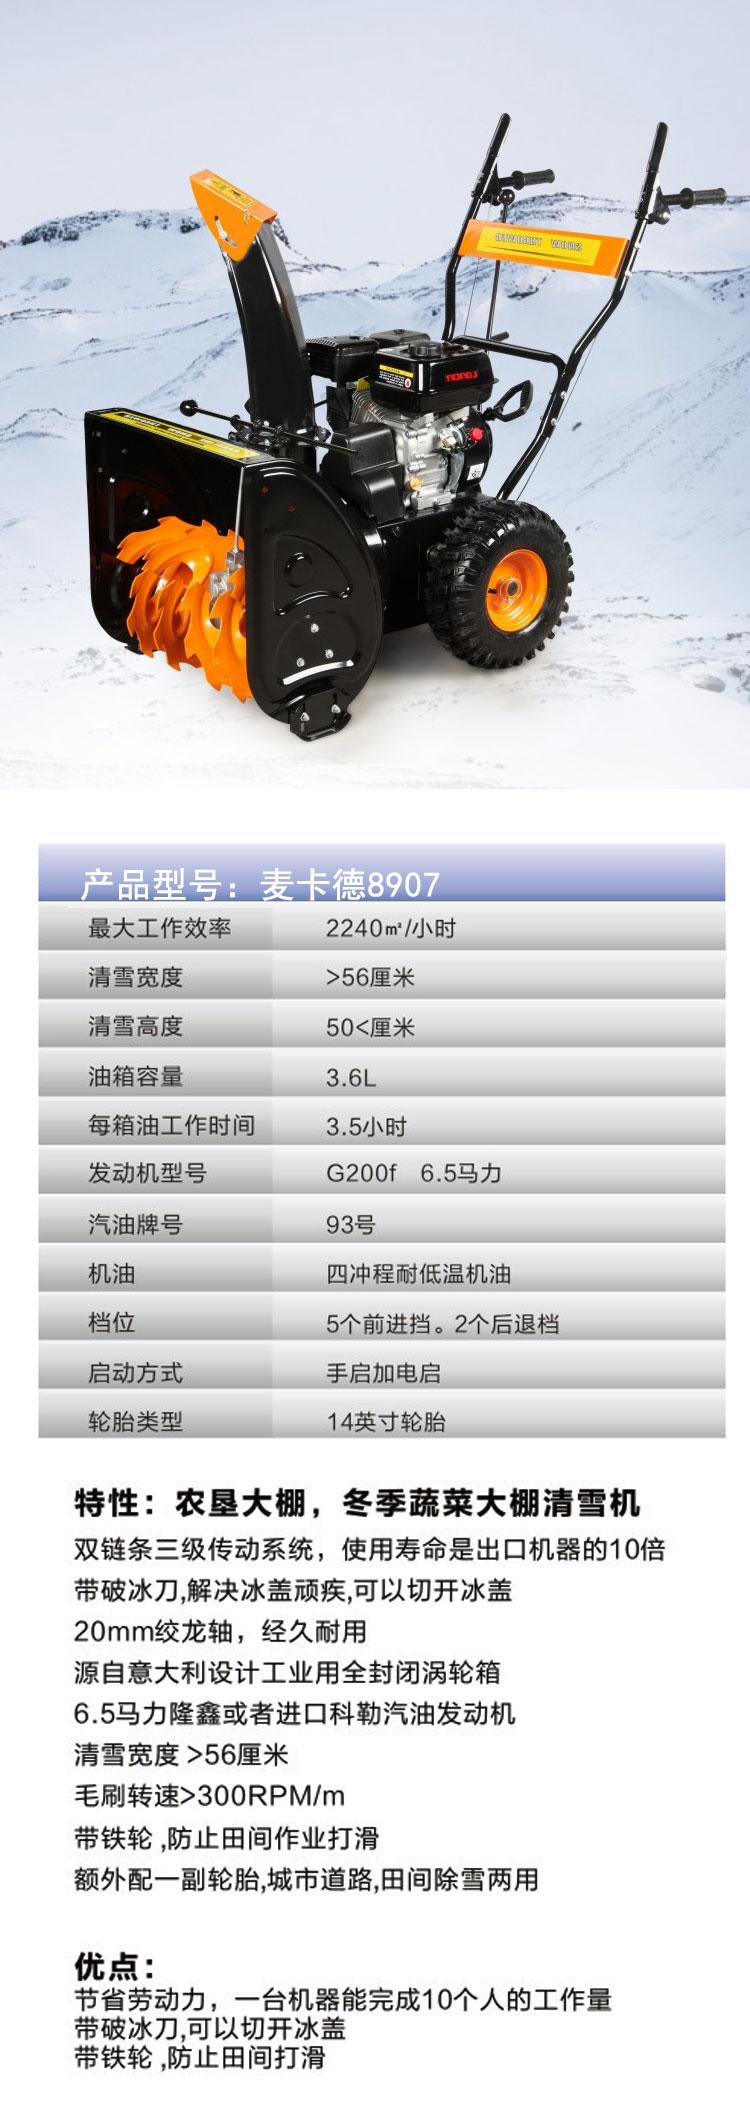 扫雪机介绍